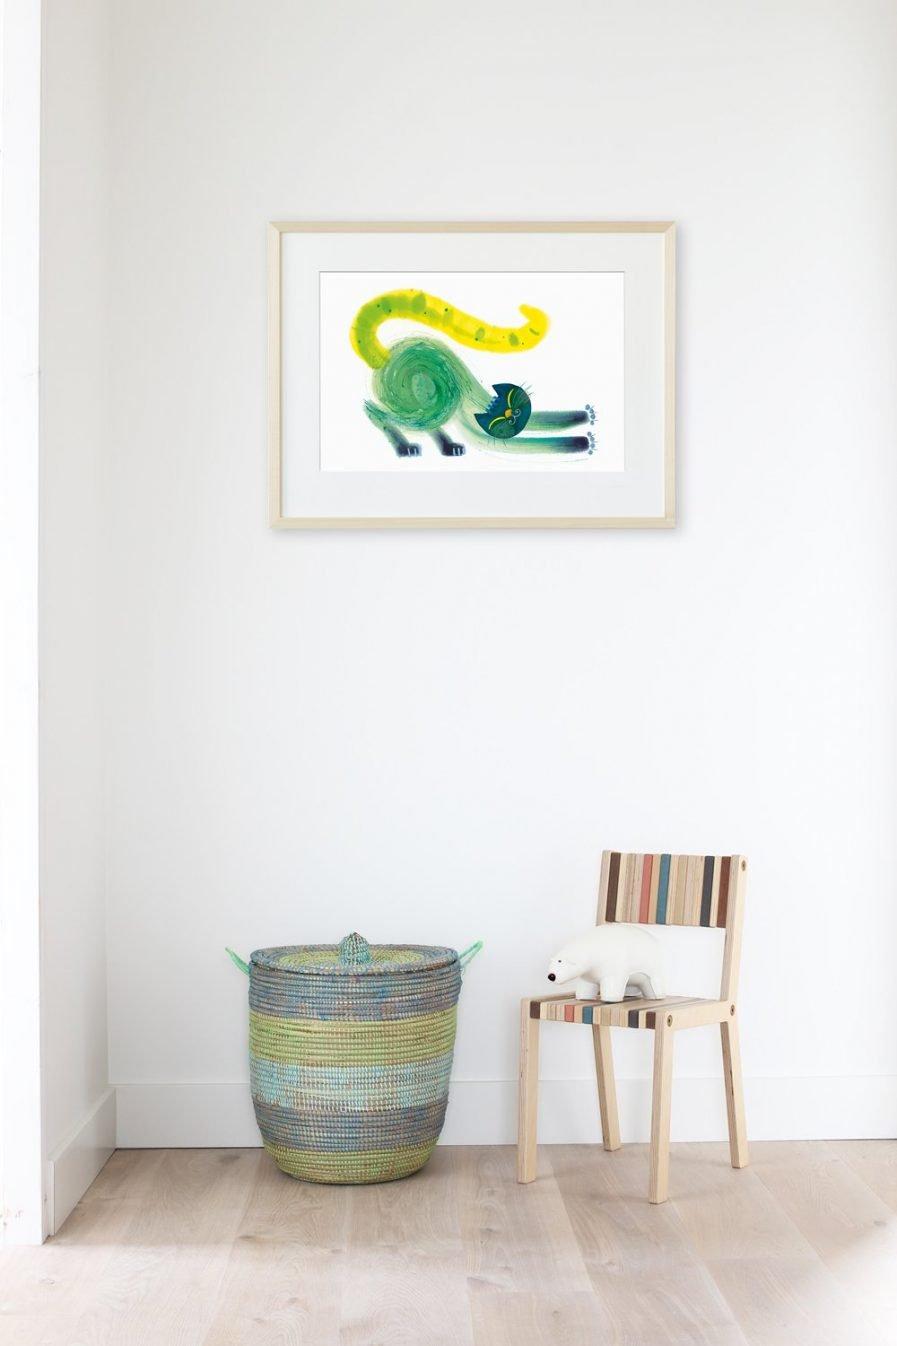 Mooie tekening, een illustratie uit een kinderboek. Hangt met lijst aan de muur en maakt de kinderkamer bijzonder. We zien een gezellige kat. In prachtige kleuren. Groen, blauw en geel op een witte achtergrond. Het lijnenspel doet mee en draagt bij aan de indruk van beweging in deze illustratie. Dit uitgeslapen dier rekt zich uit. Languit. Nagels uit. Het is ochtend, de wereld is fris. Goedemorgen.